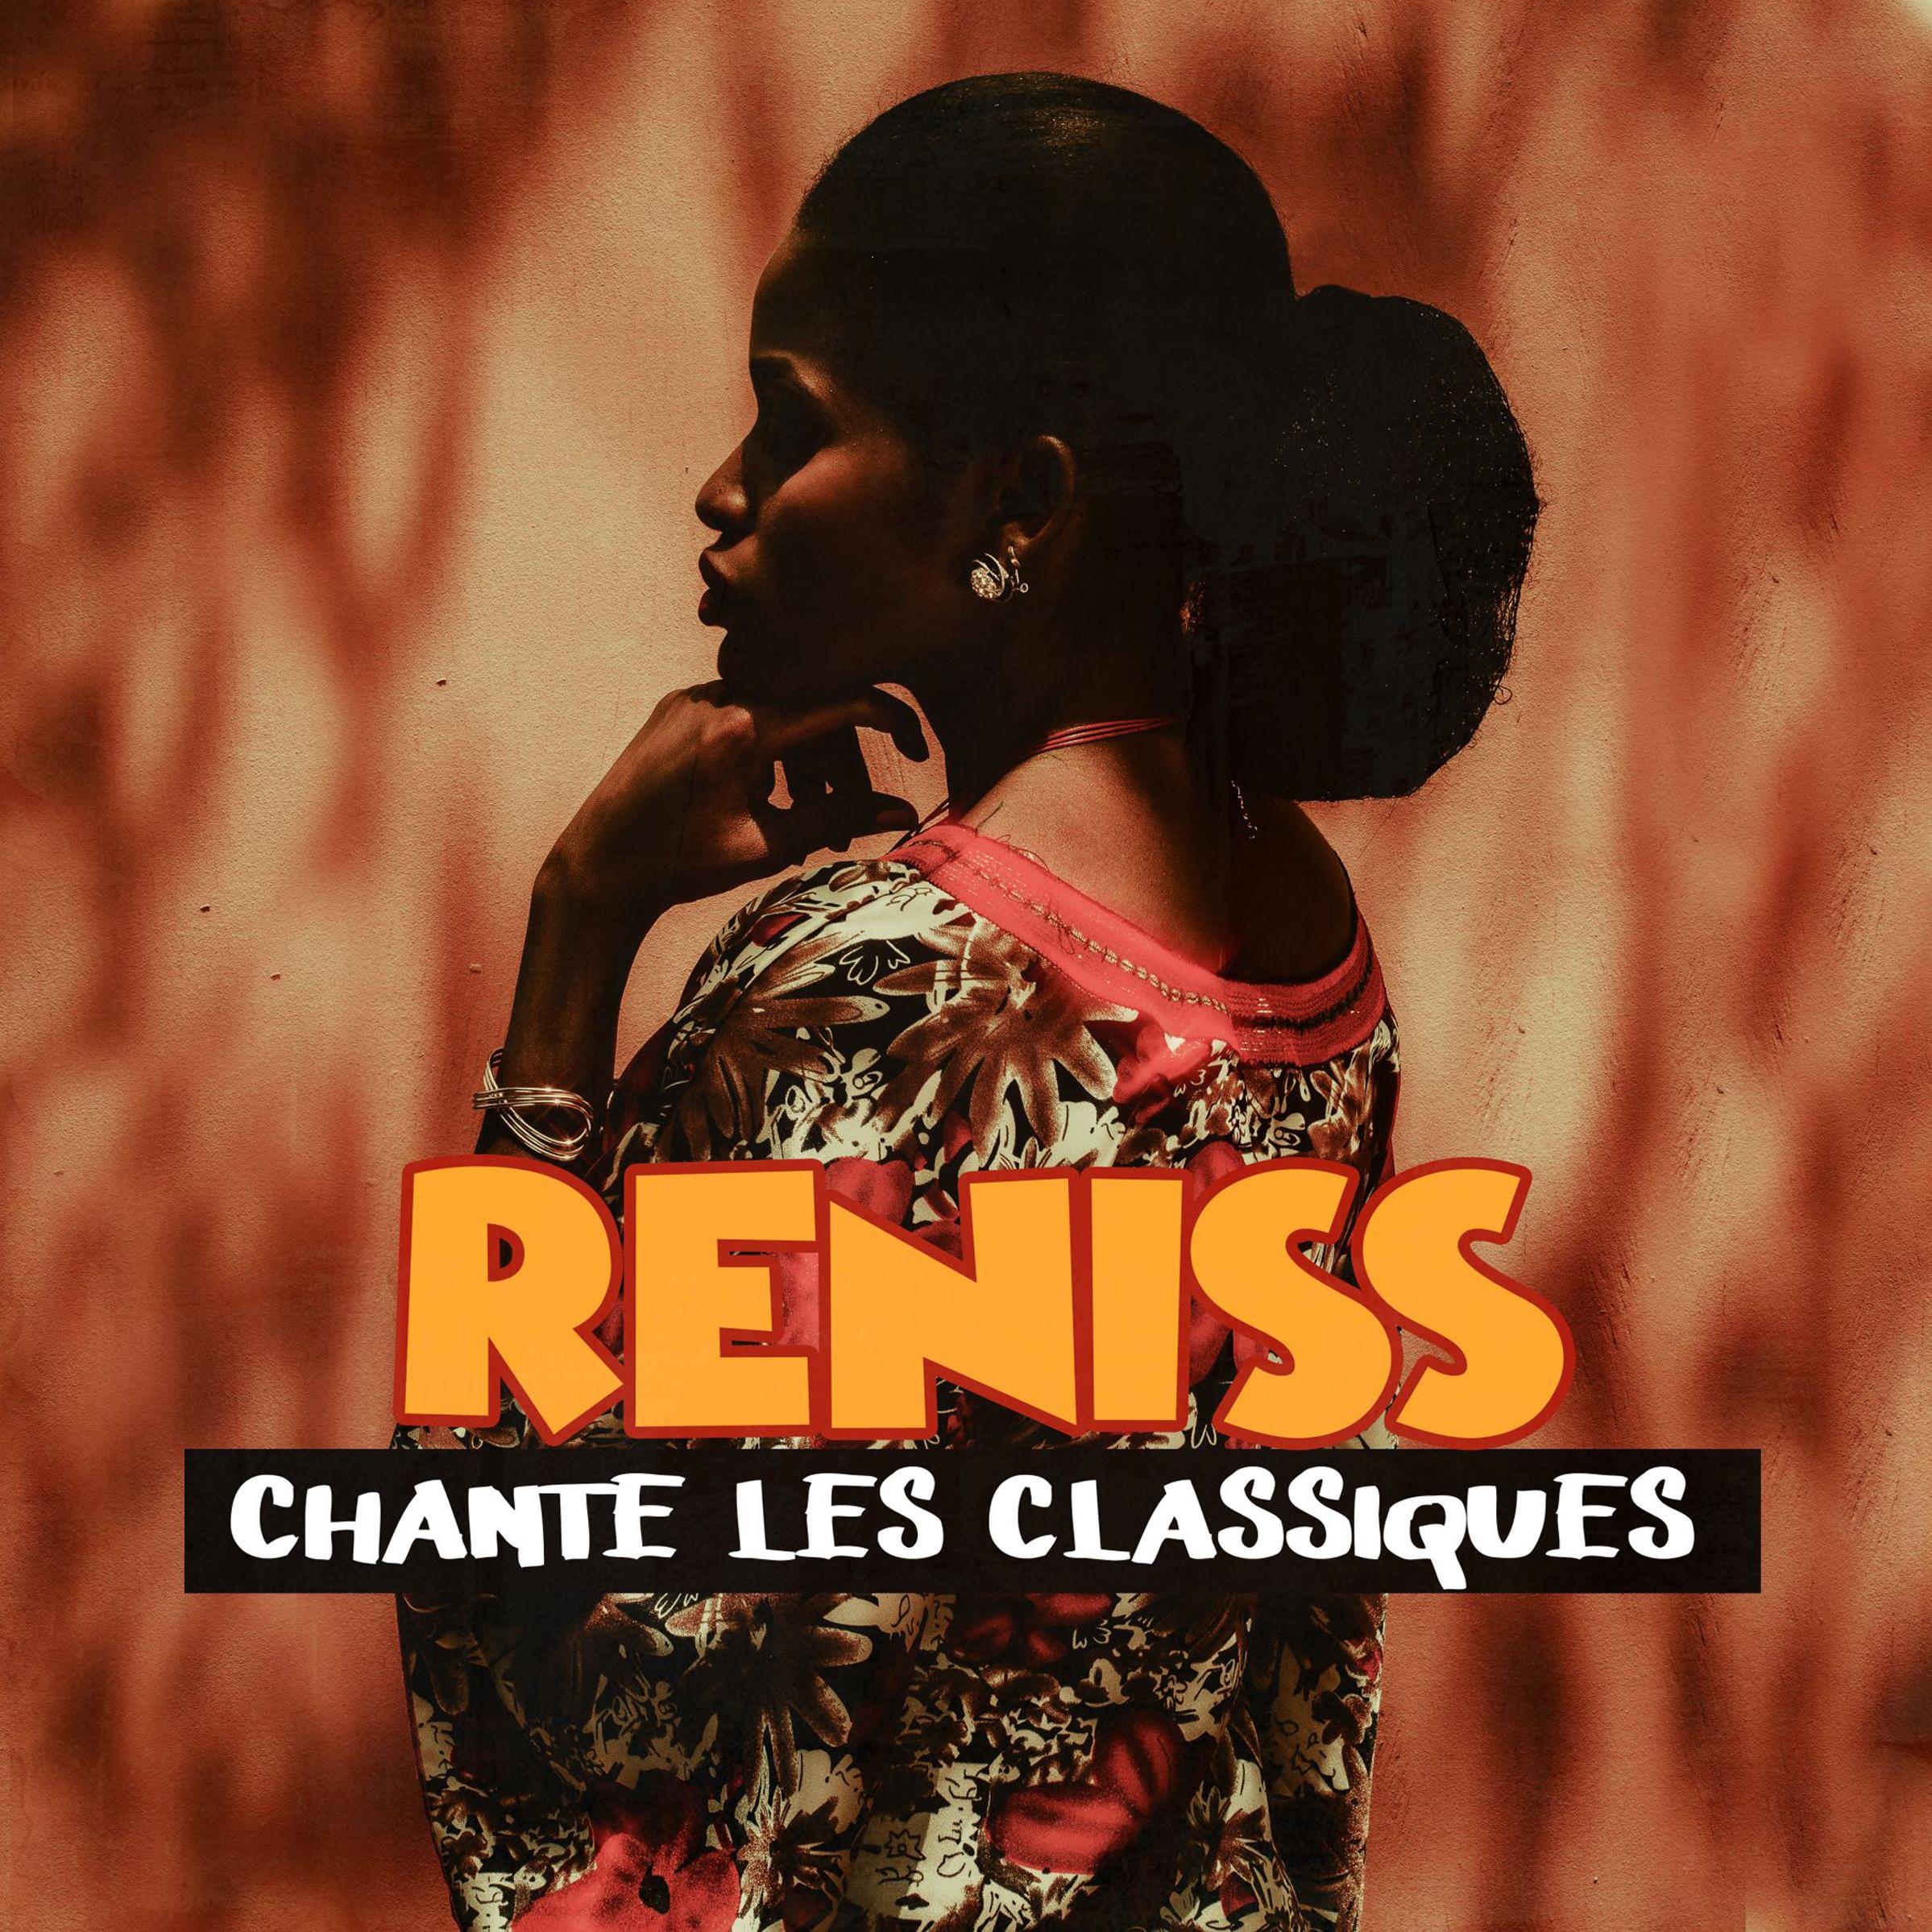 Reniss chante les classiques